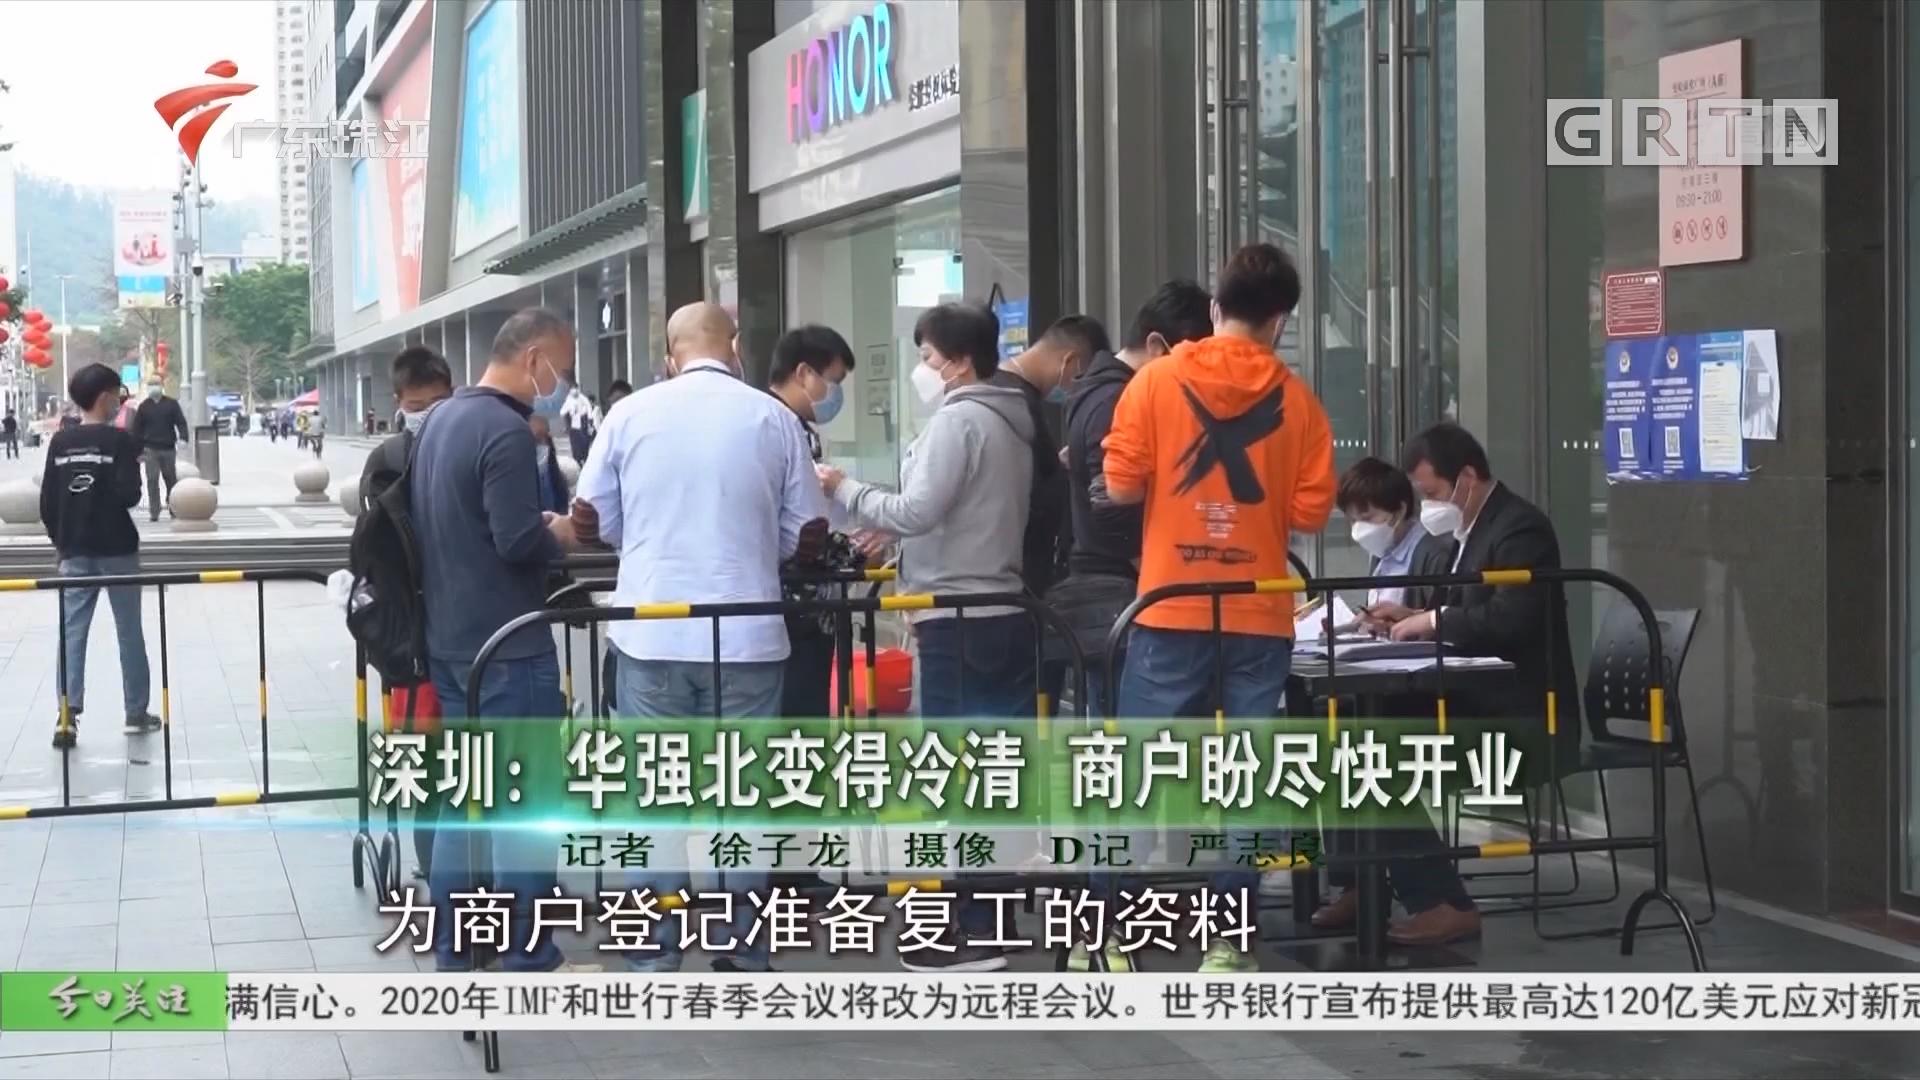 深圳:华强北变得冷清 商户盼尽快开业